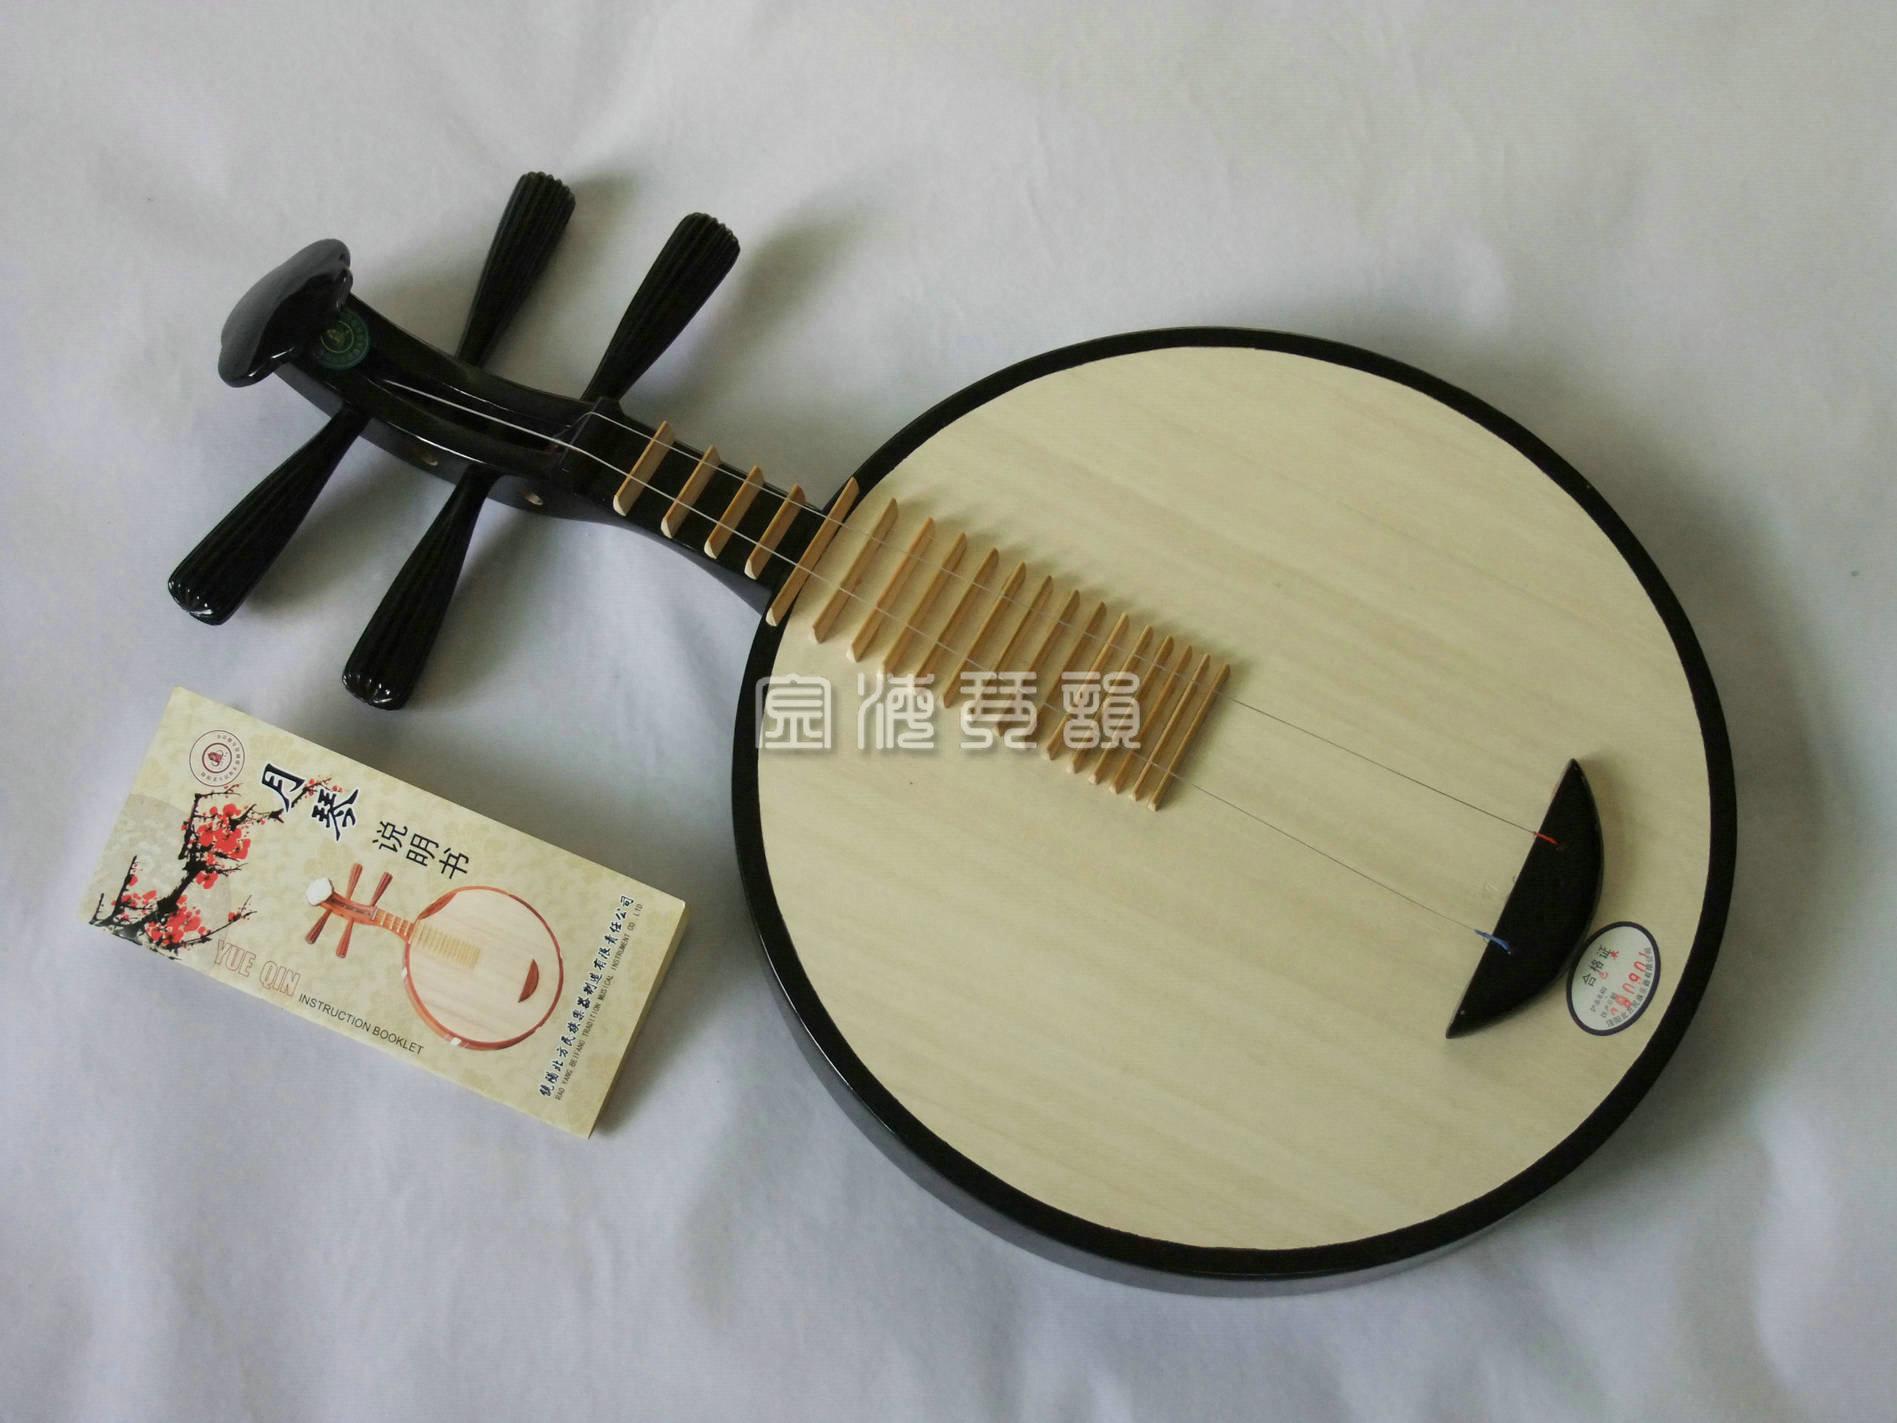 Народ музыкальные инструменты жесткий дерево месяц гусли цвет древесины месяц гусли дары цинь упакованный пекинская опера месяц гусли практика универсальный месяц гусли спеццена доставка включена